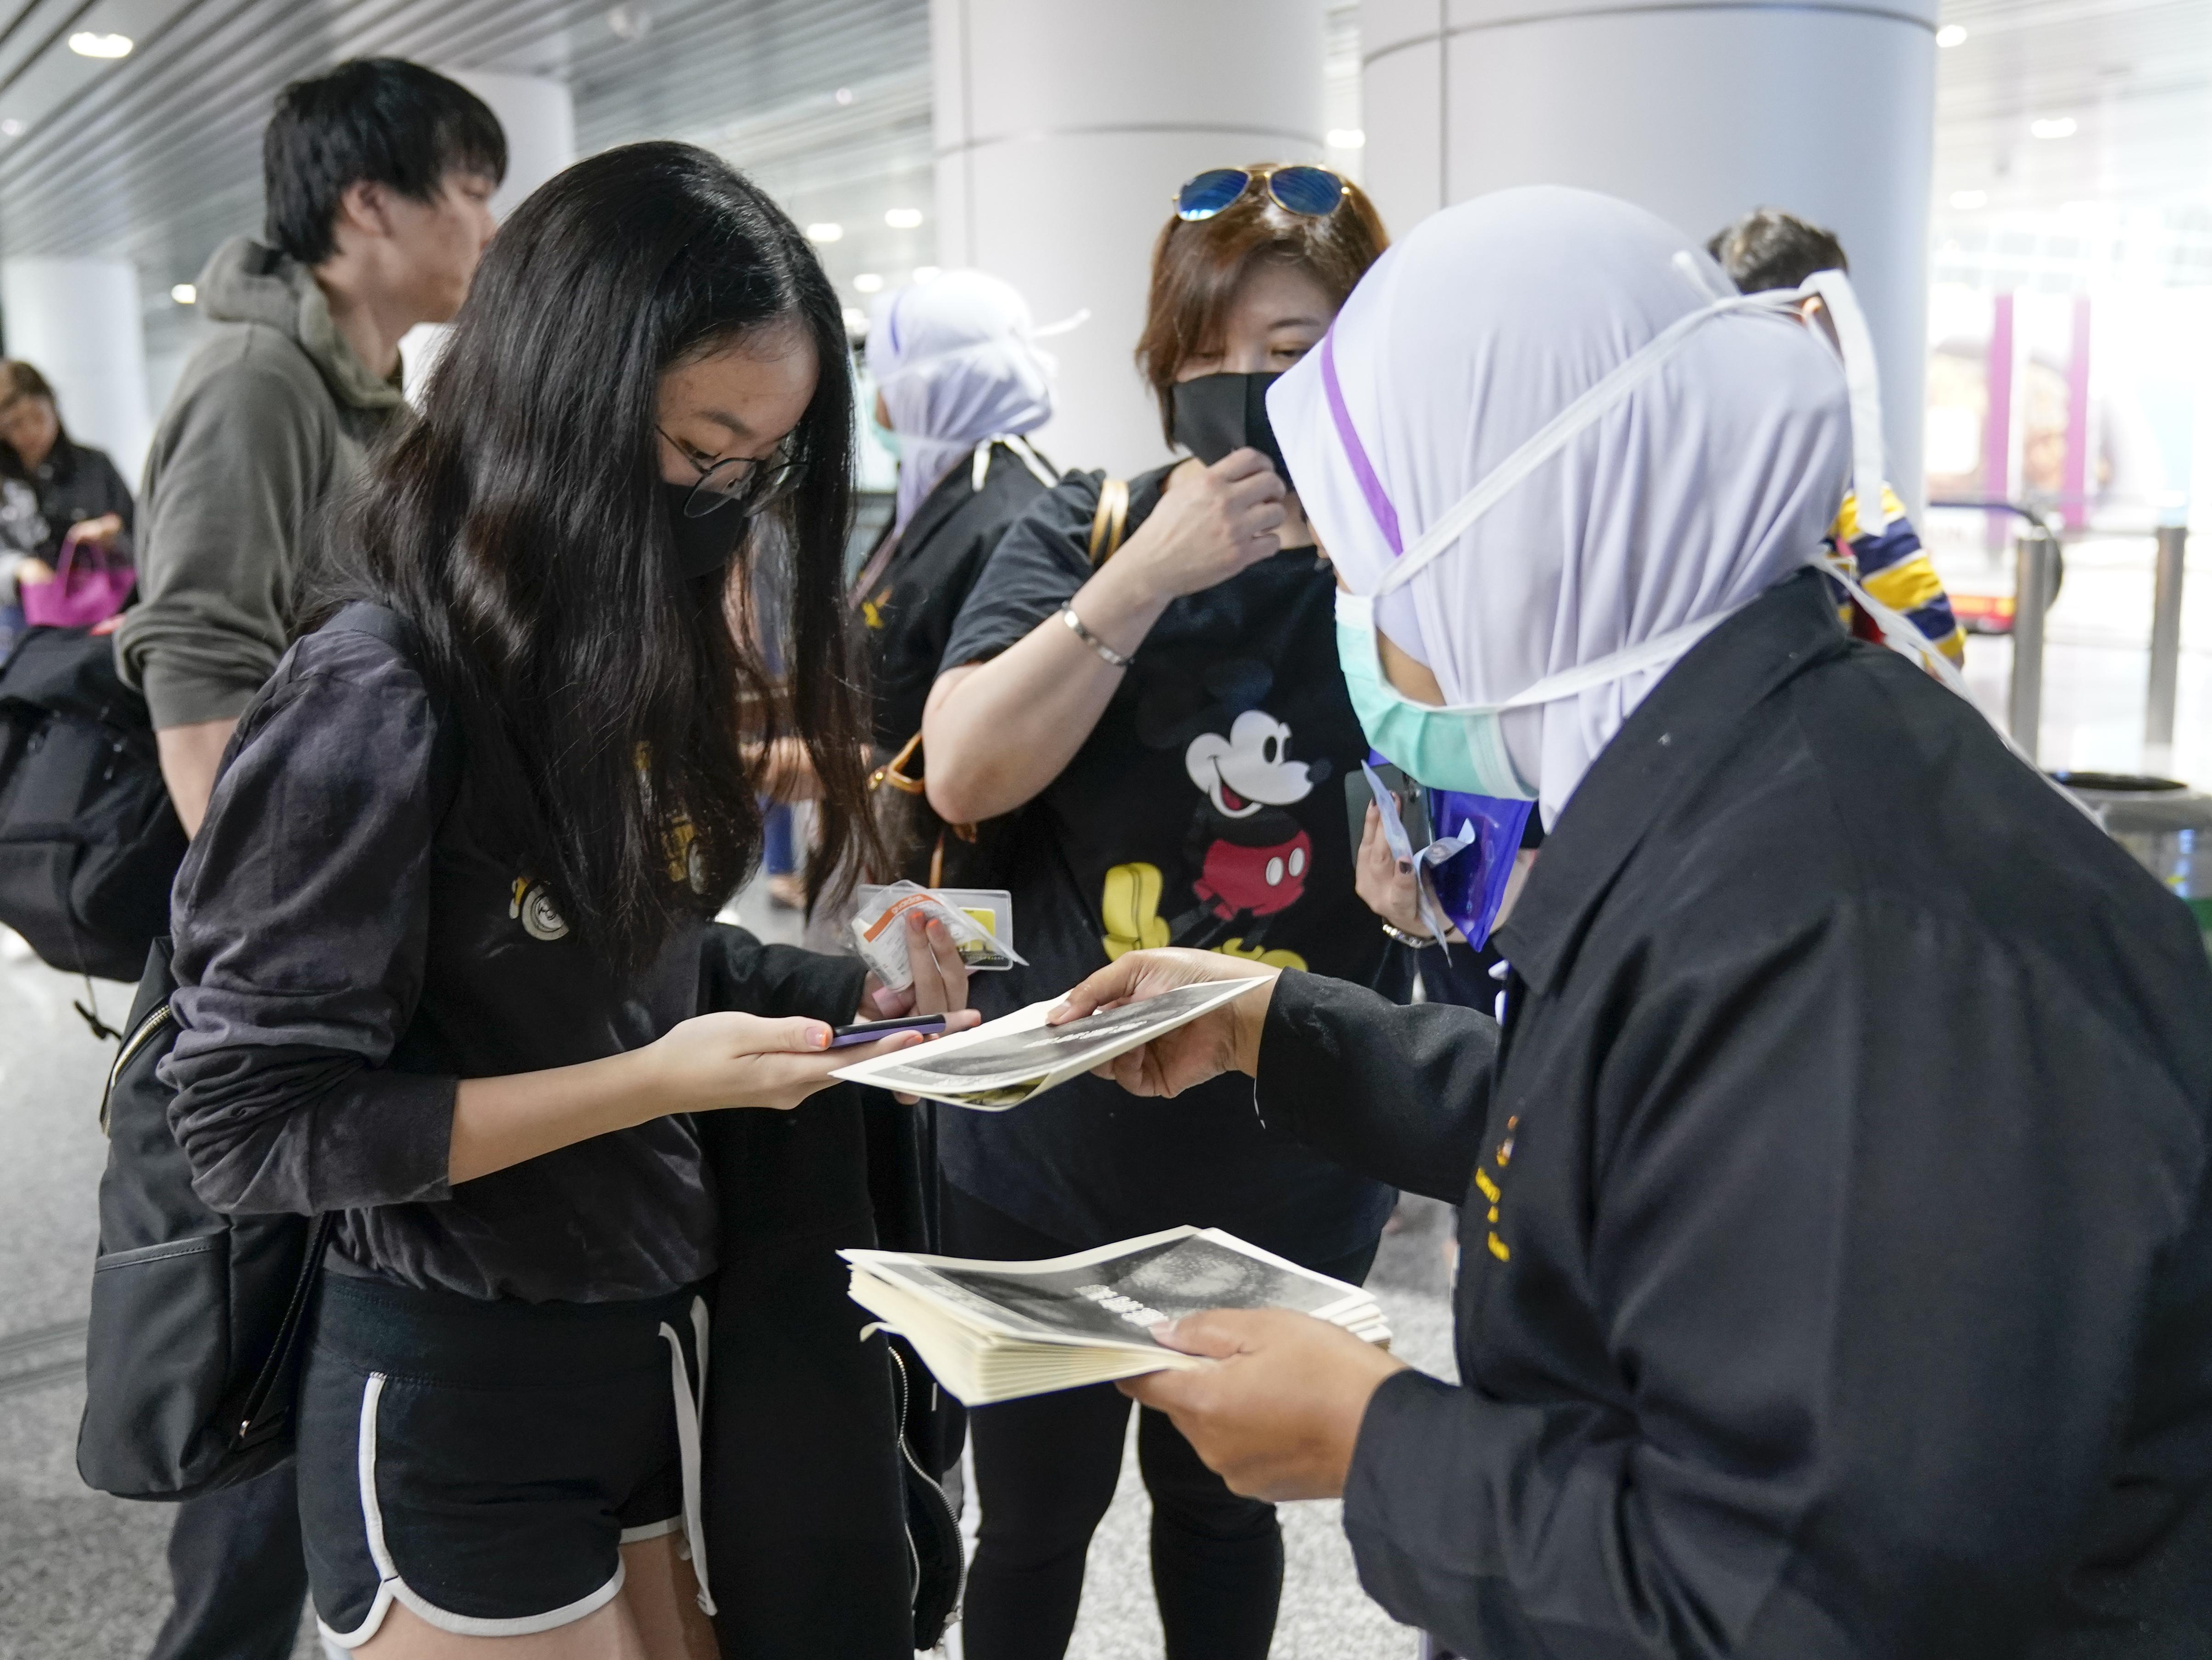 Los funcionarios de salud entregan información sobre el coronavirus actual en el aeropuerto internacional de Kuala Lumpur en Sepang, Malasia, el martes 21 de enero de 2020. Países tanto en Asia-Pacífico como en otros lugares han iniciado controles de temperatura corporal en aeropuertos, estaciones de ferrocarril y a lo largo de carreteras en espera atrapar a quienes corren el riesgo de portar un nuevo coronavirus que ha enfermado a más de 200 personas en China. (Foto AP / Vincent Thian)